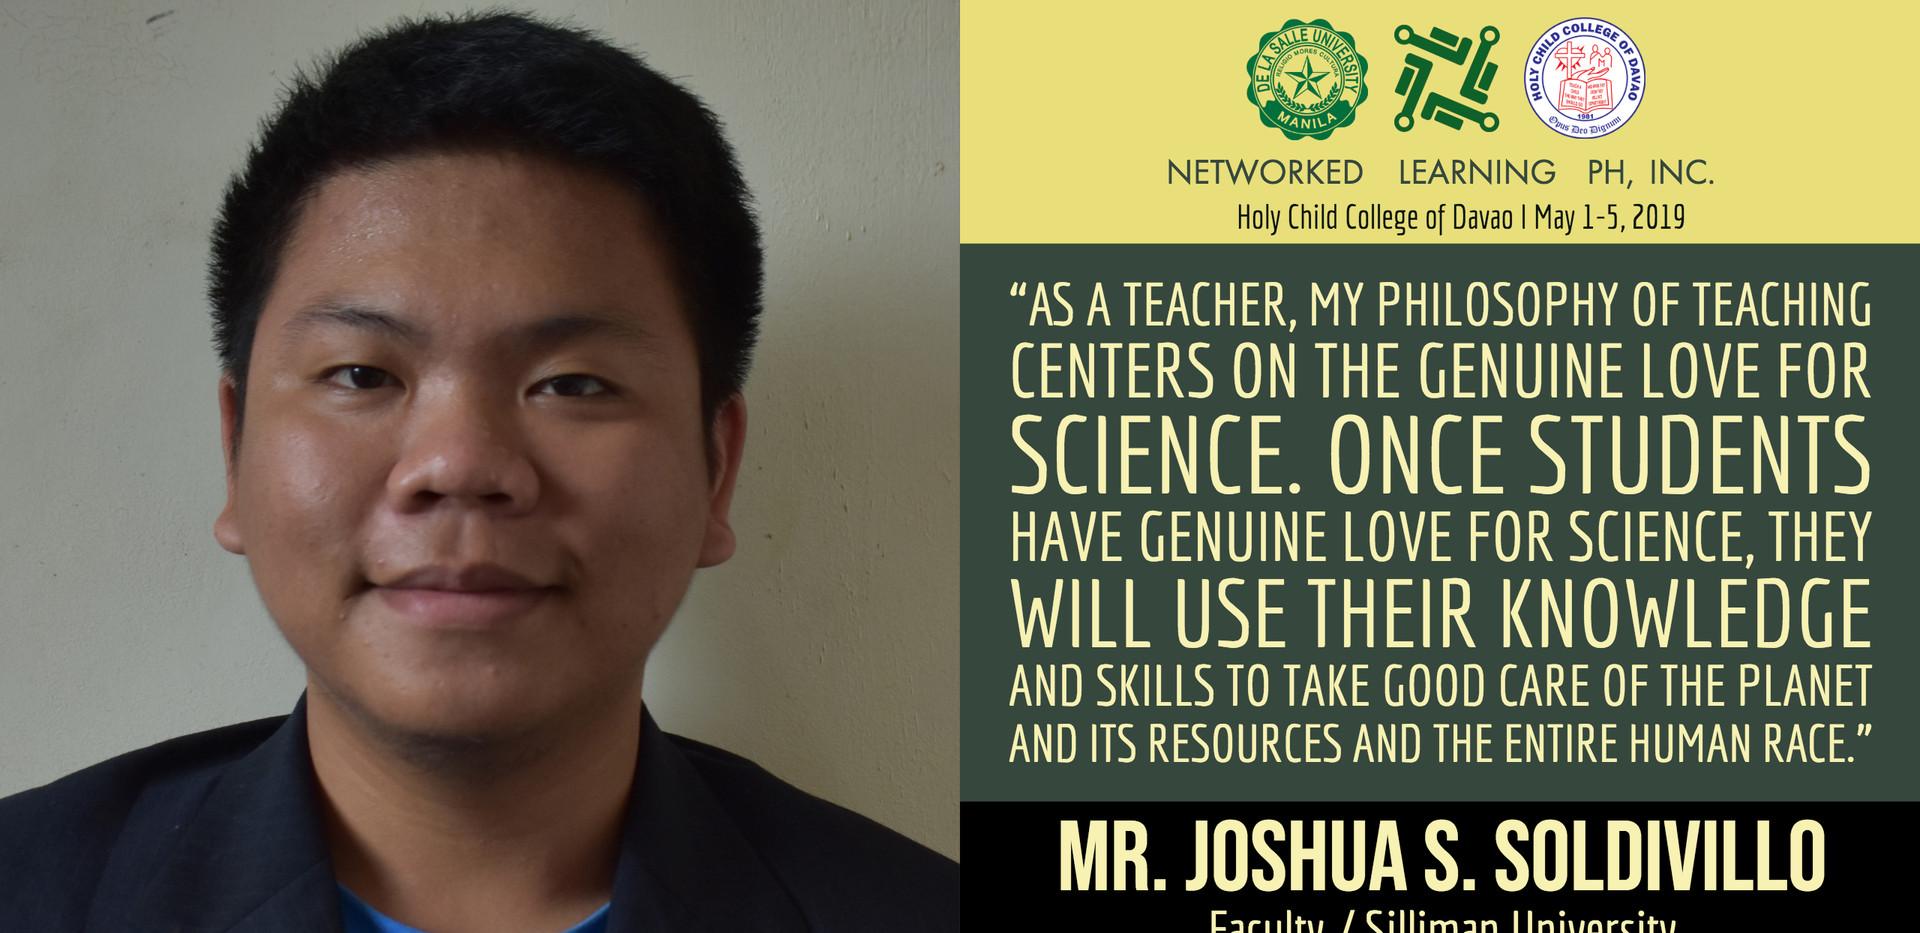 Mr. Joshua S. Soldivillo